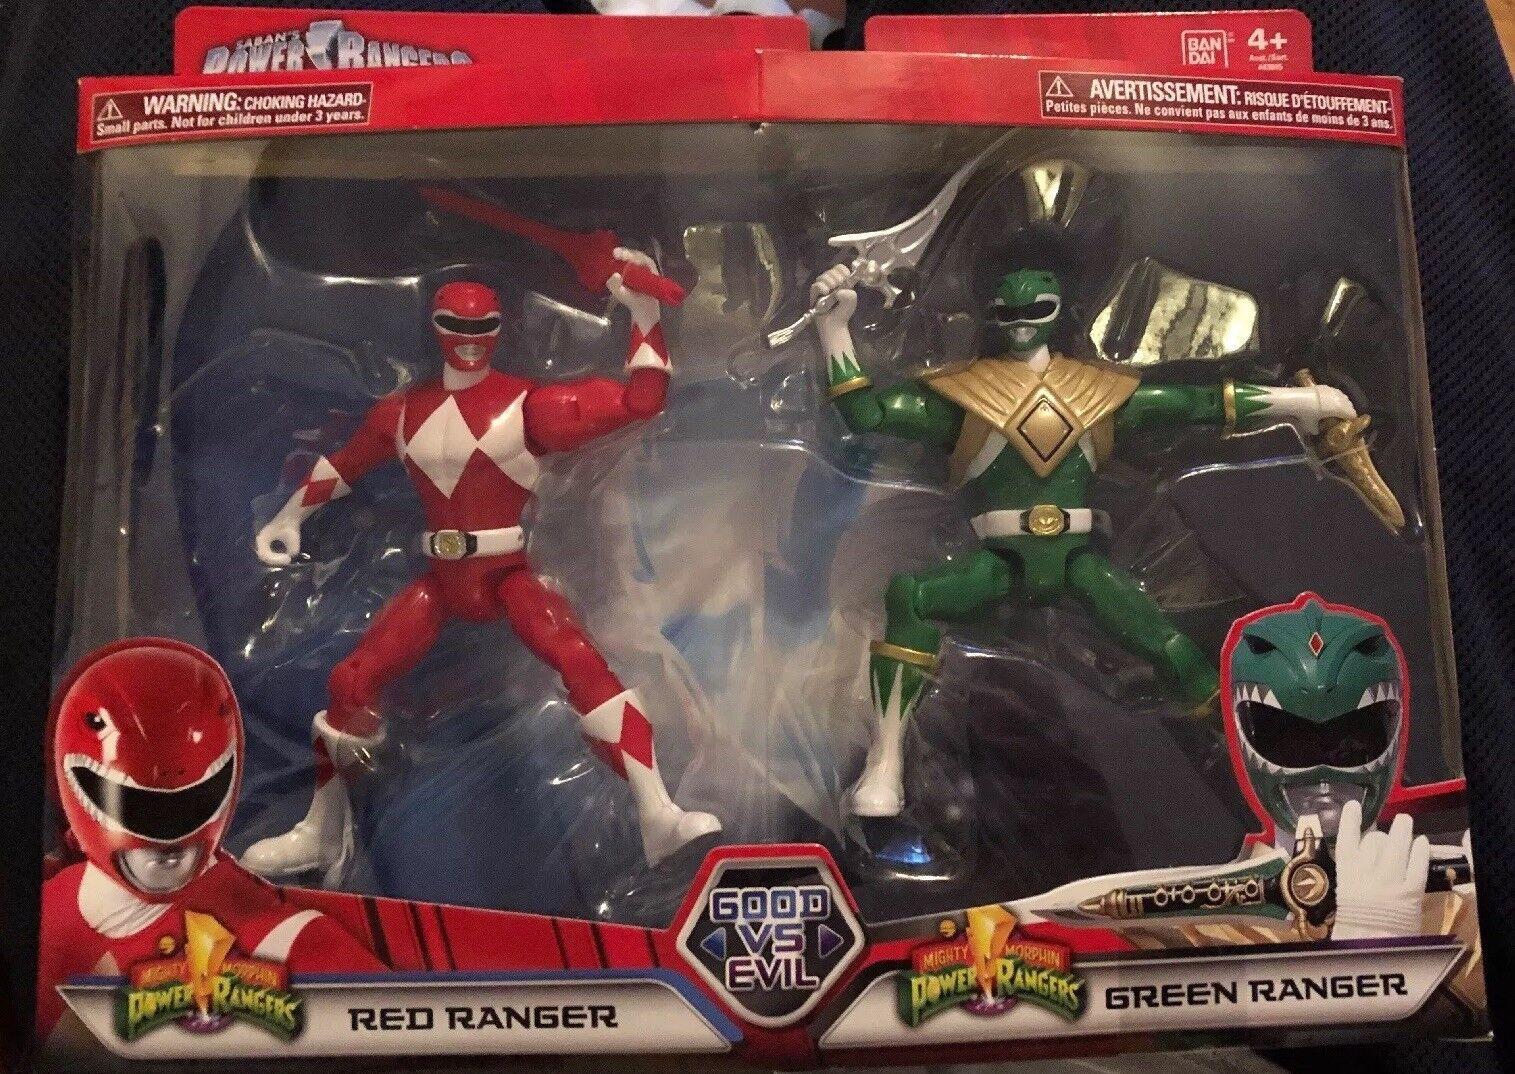 Power Rangers Mega Collection Good Vs. Evil MMPR Morphin rosso & verde Ranger.